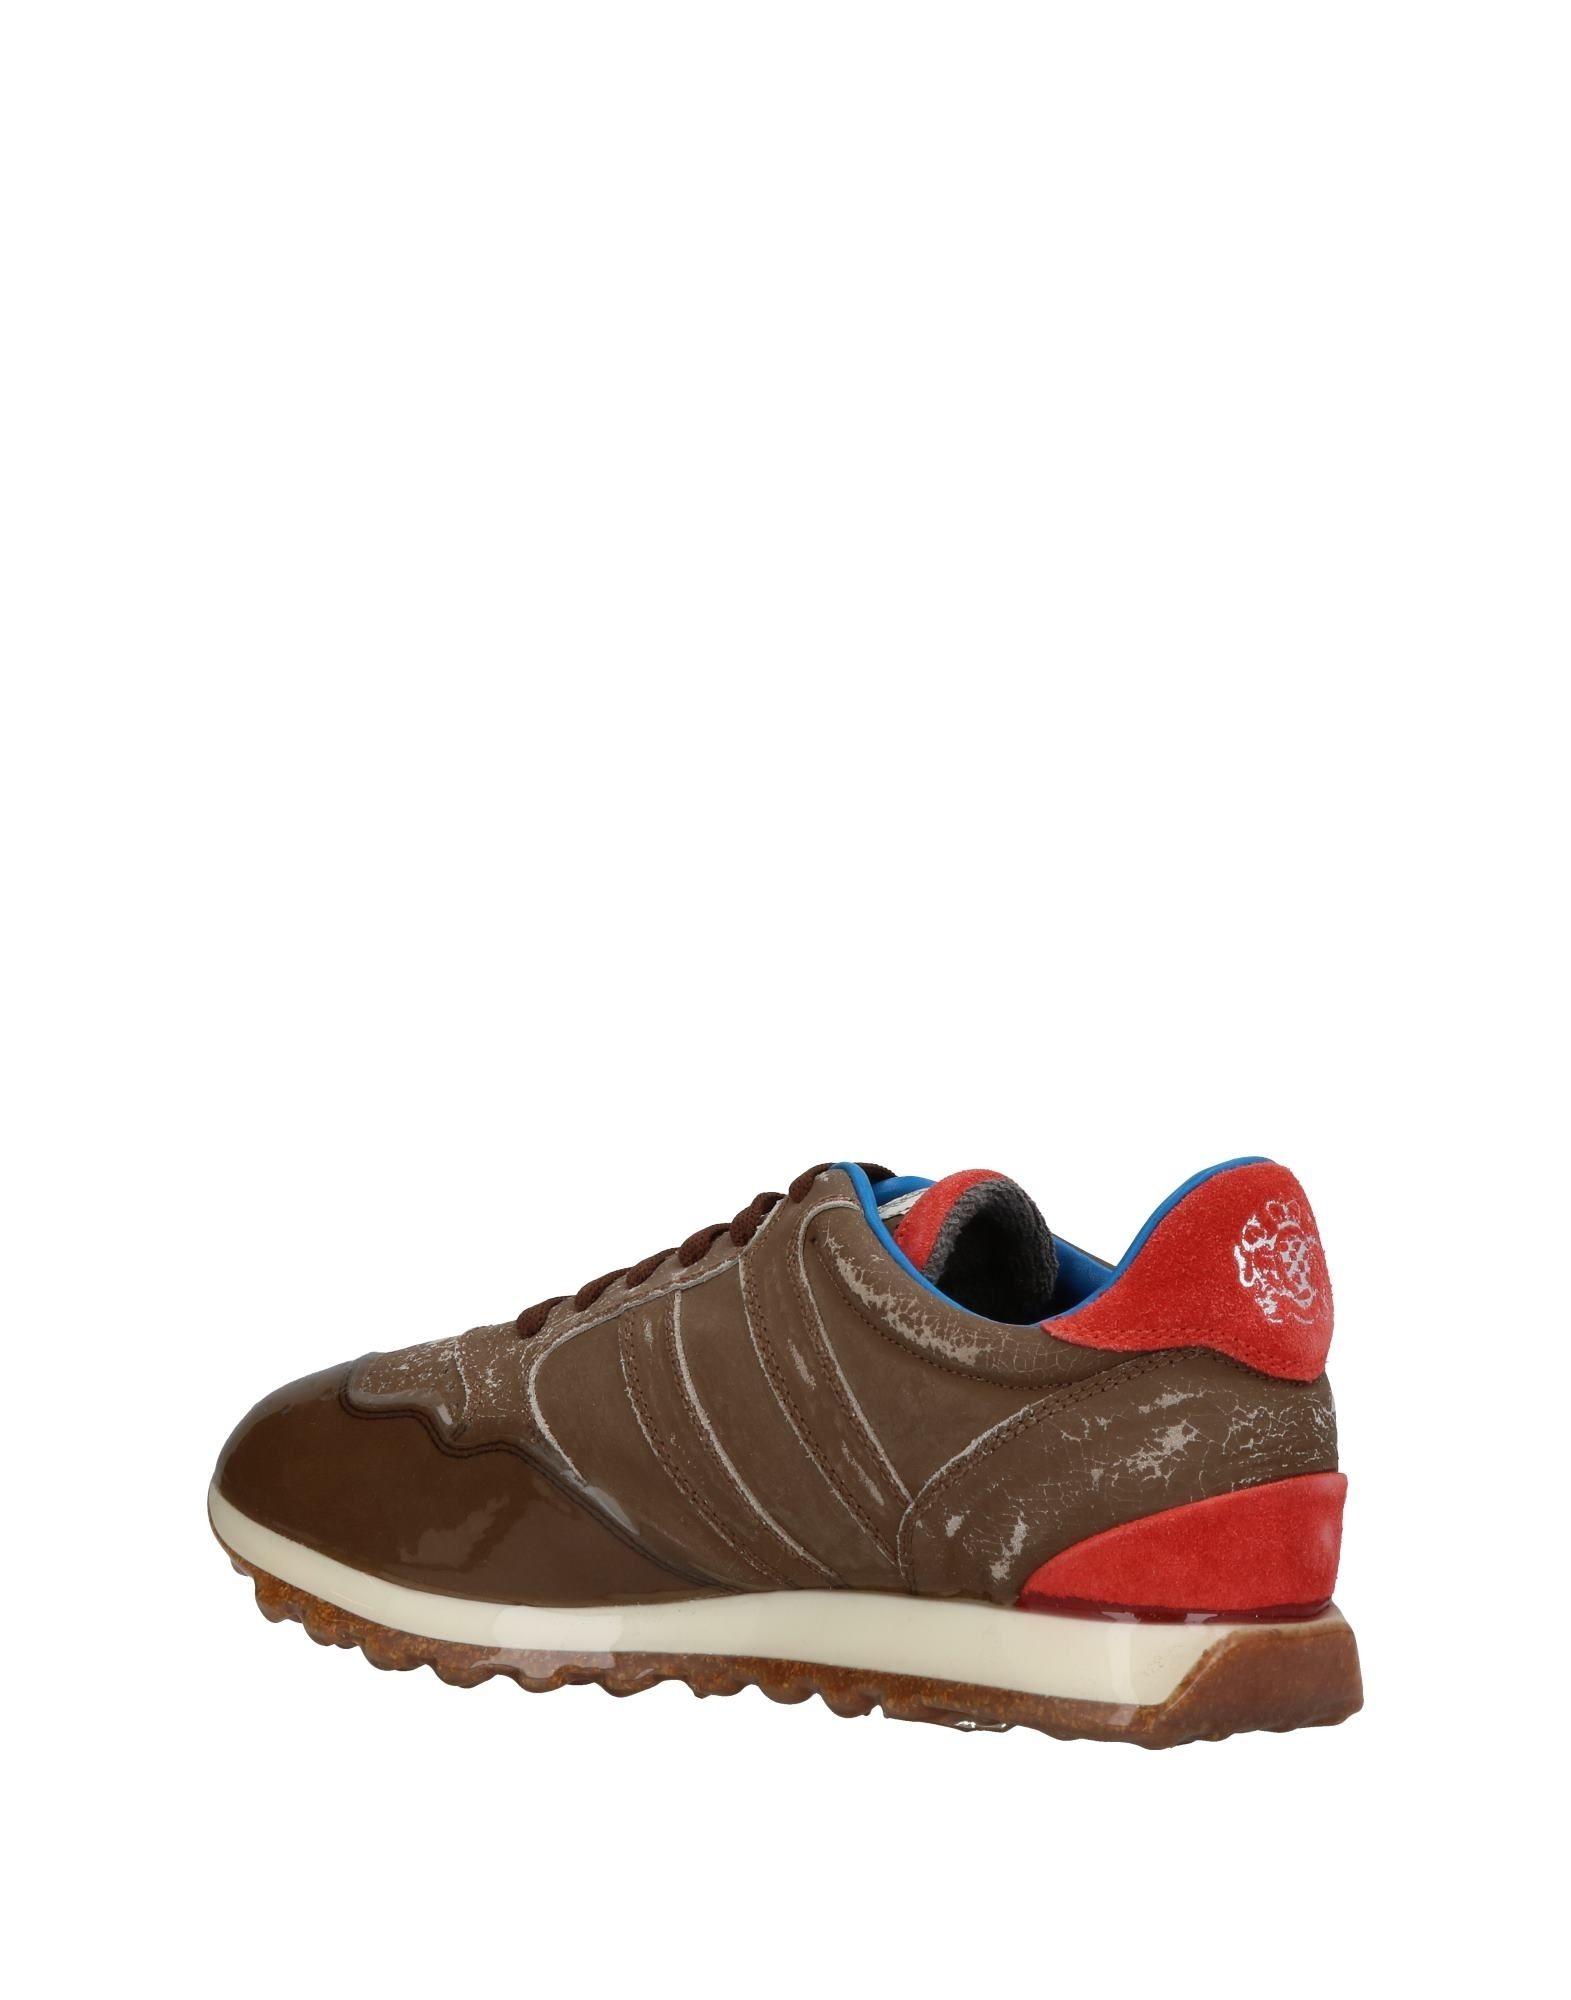 Alberto Alberto Alberto Fasciani Sneakers Herren  11387168BT Neue Schuhe af6f53